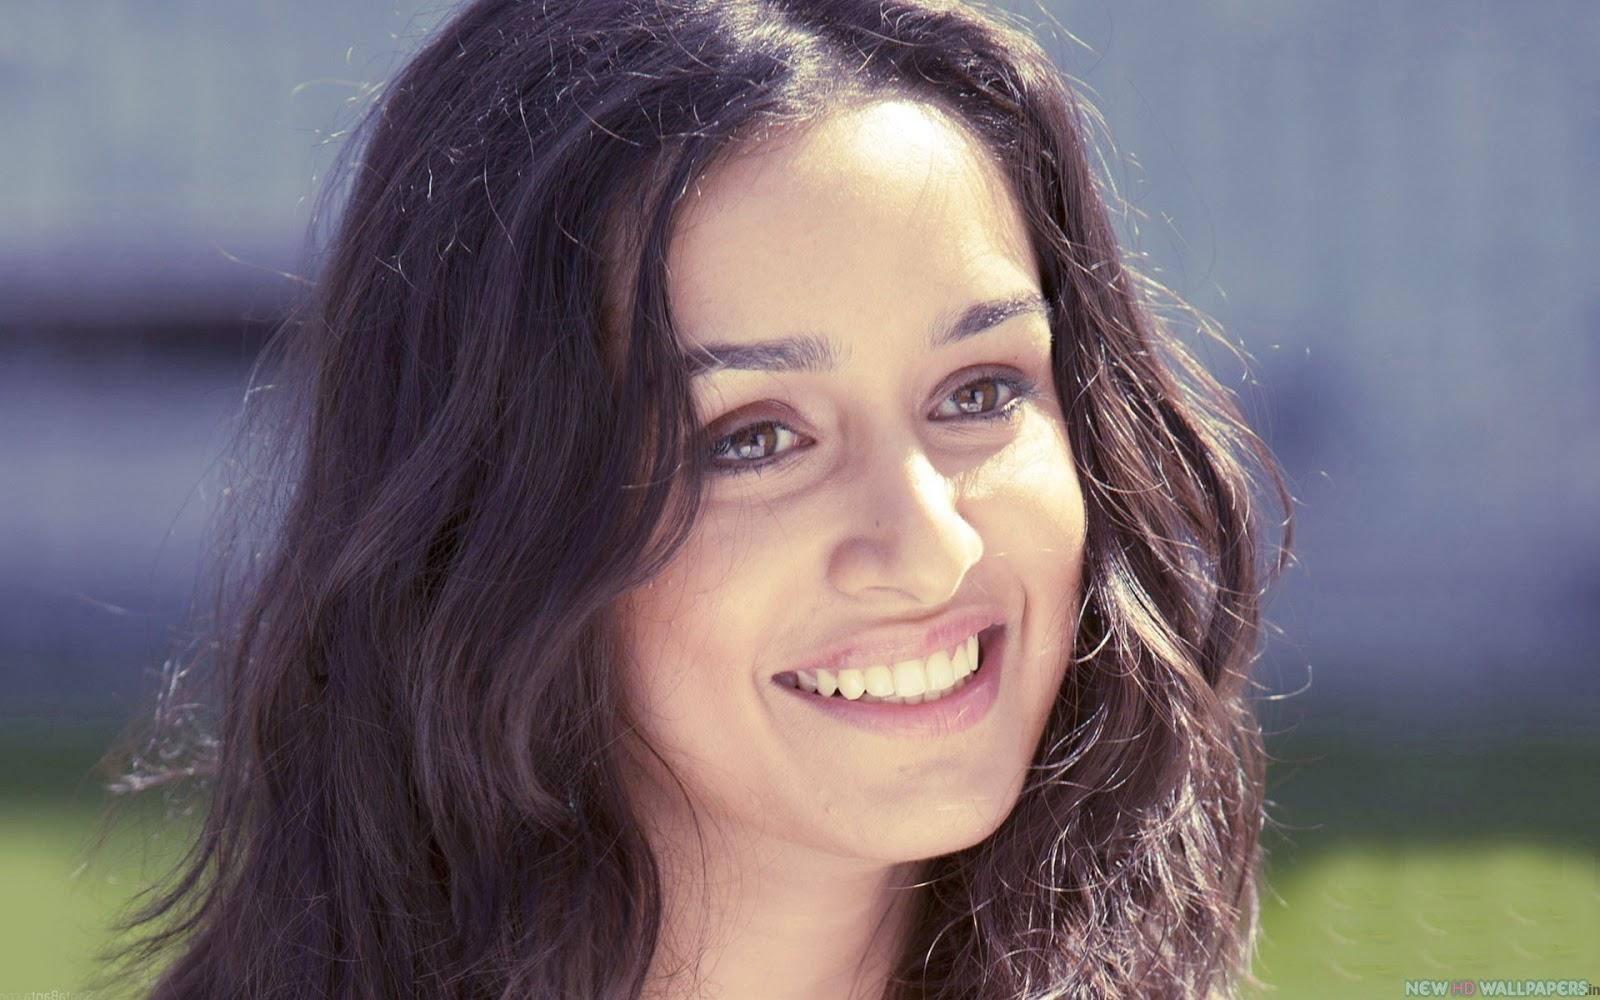 http://1.bp.blogspot.com/-R1GdnfO54OM/UYPPhIfi1II/AAAAAAAAAIA/IOuApUkbckI/s1600/Shraddha-Kapoor-Cute-Smile-in-Aashiqui-2.jpg